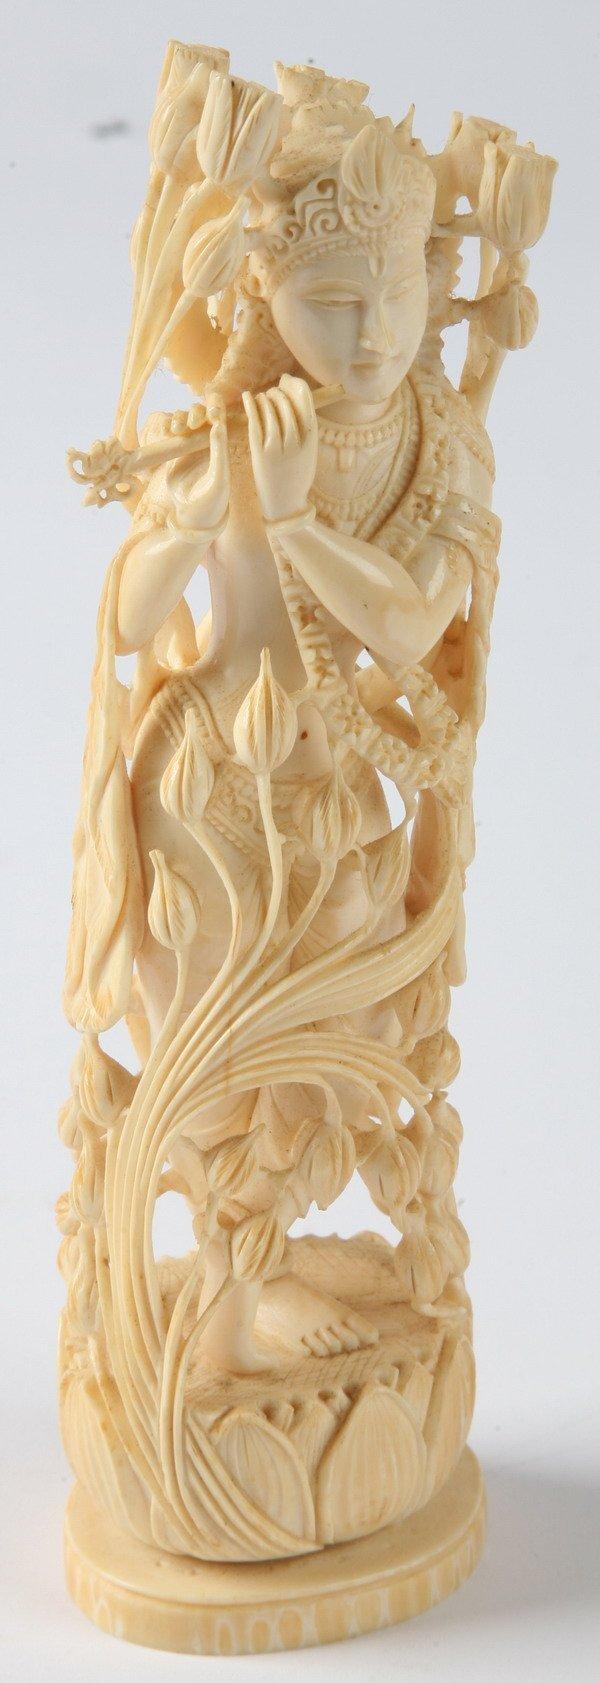 257: Vintage carved ivory